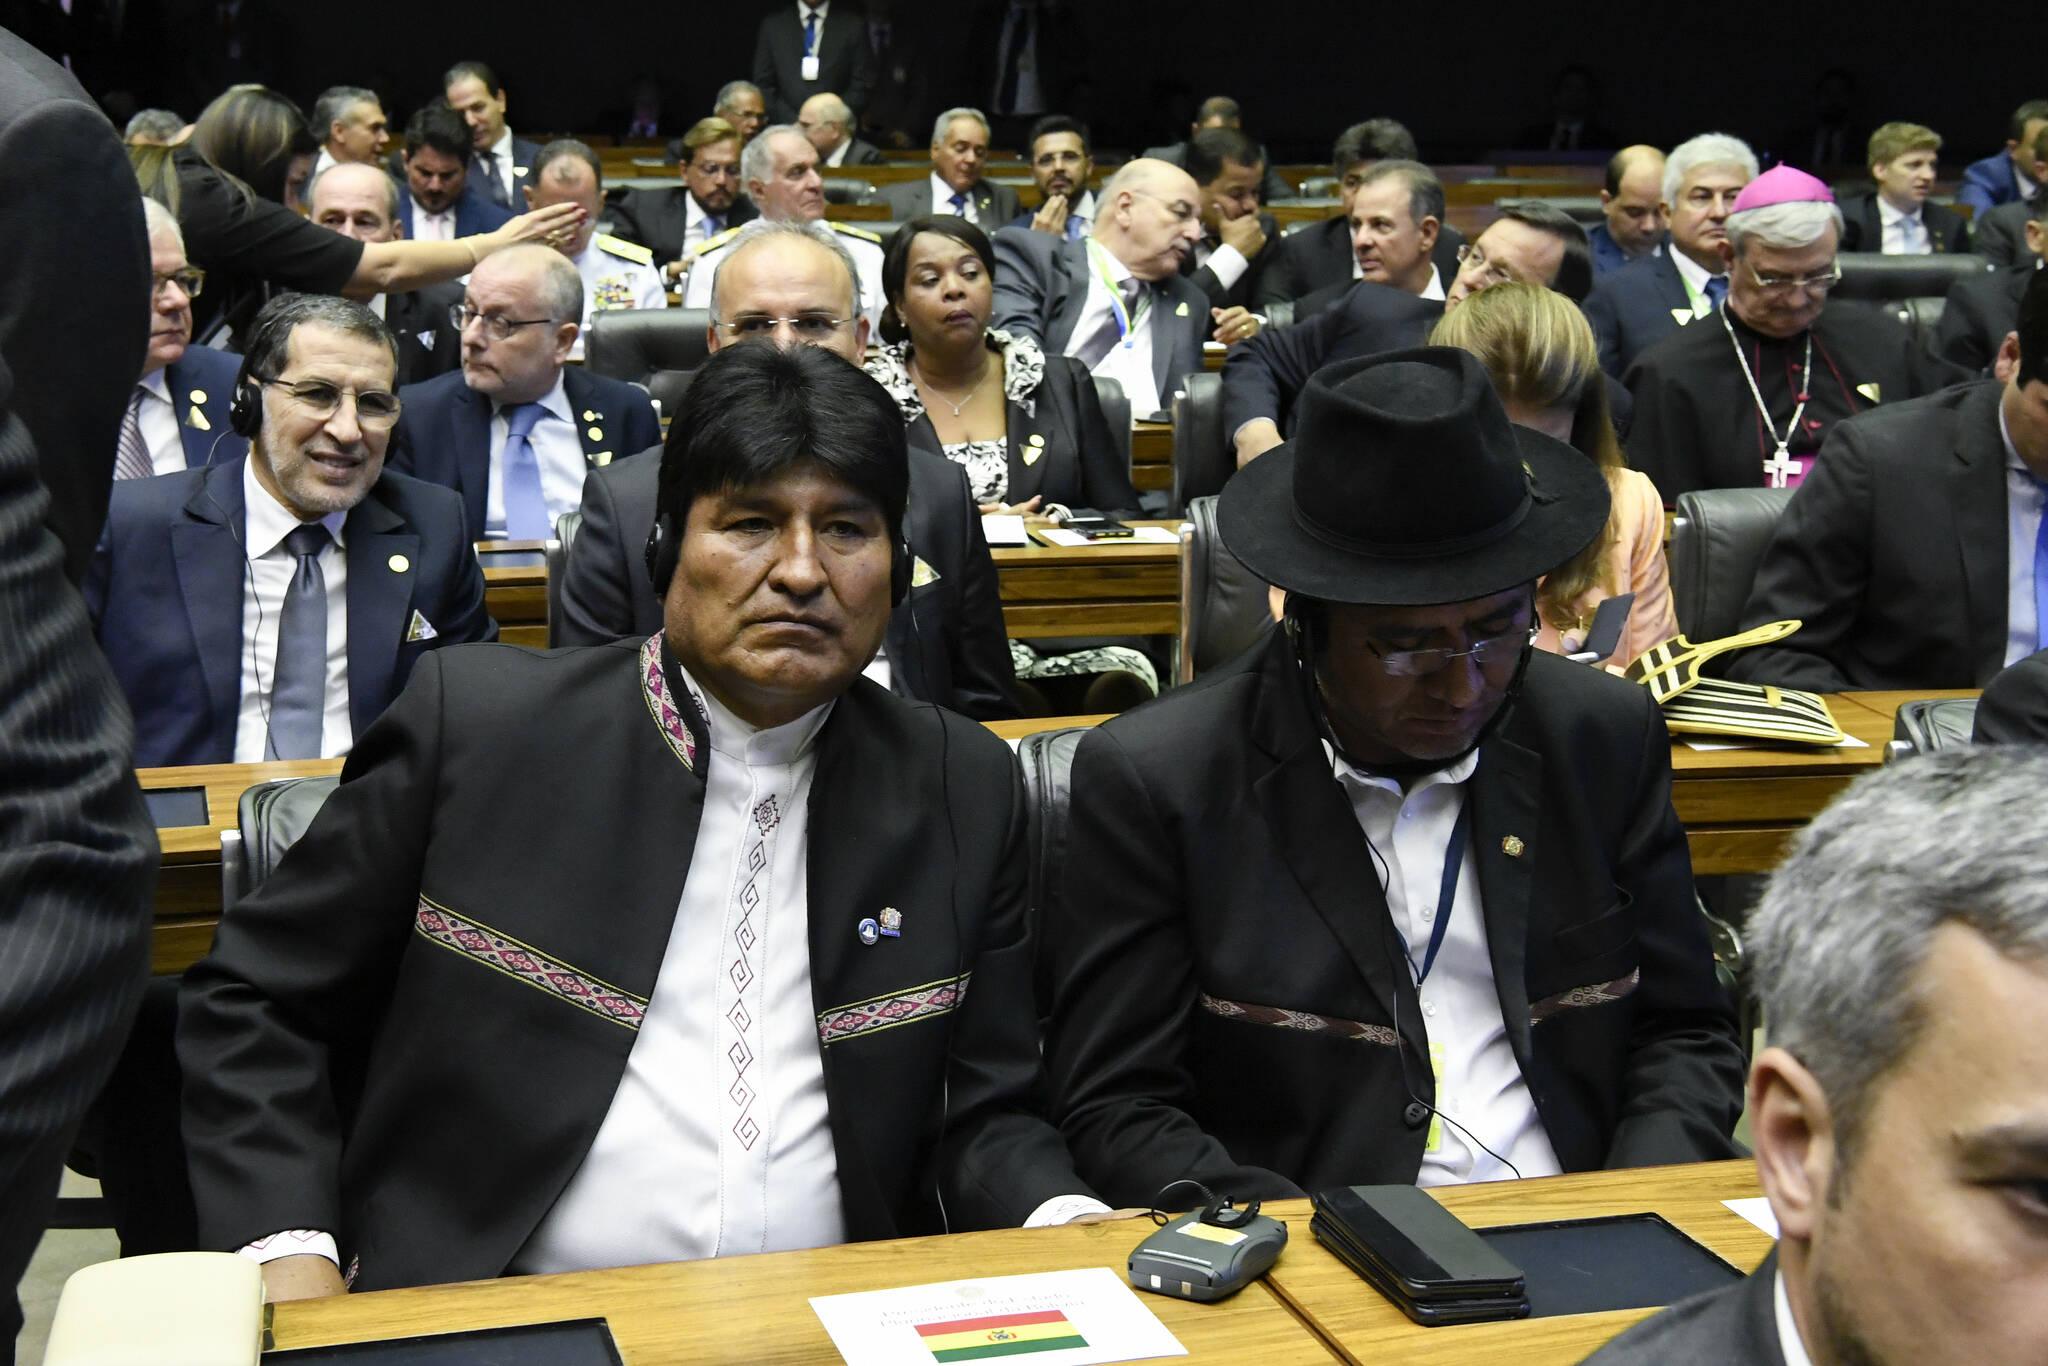 Líderes internacionais, como Evo Morales (Bolívia), acompanharam posse de Bolsonaro. Foto: Edilson Rodrigues/Agência Senado - 1.1.19